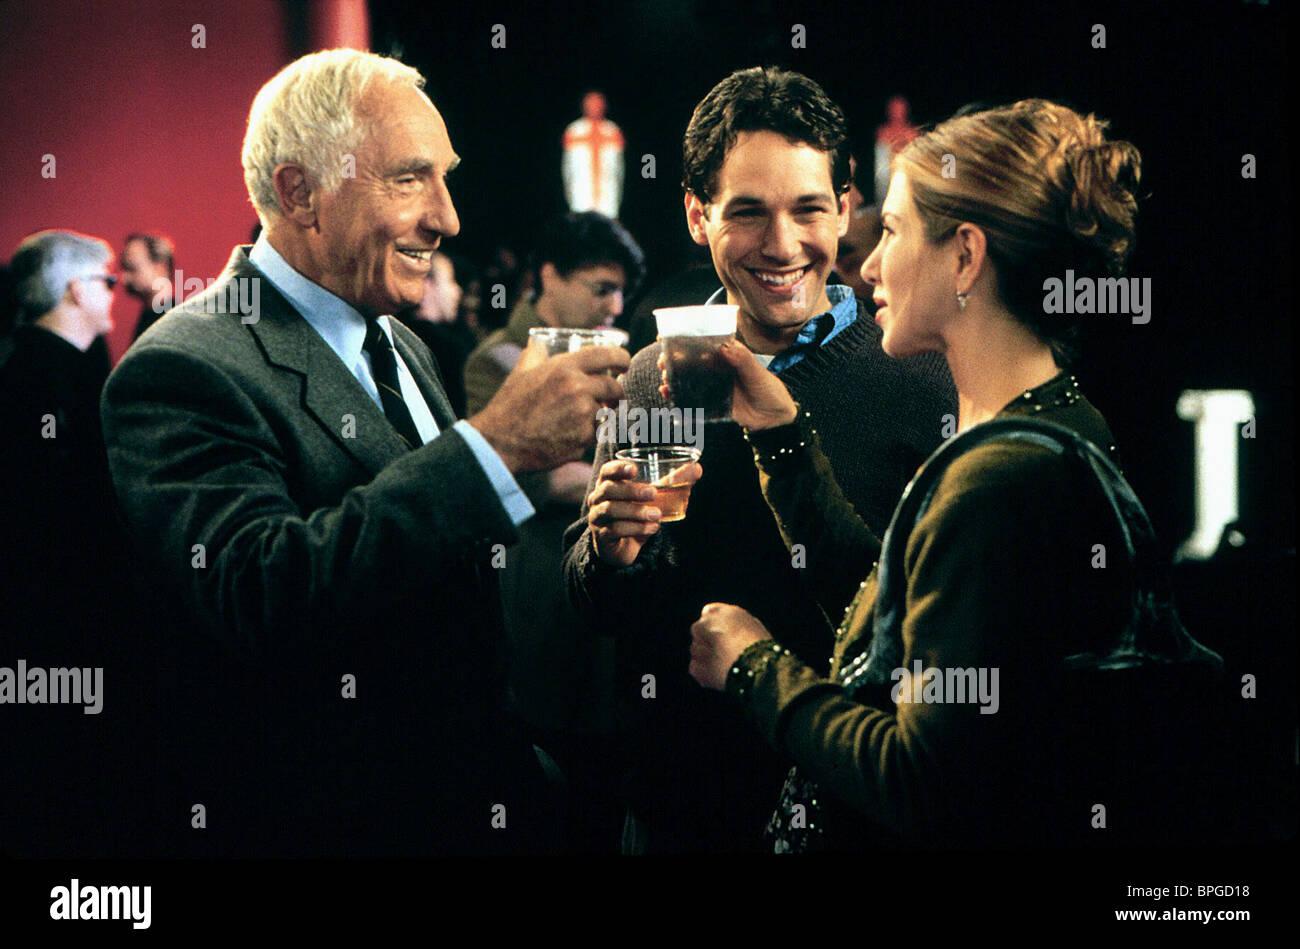 NIGEL HAWTHORNE PAUL RUDD, Jennifer Aniston L'OBJET DE MON AFFECTION (1998) Photo Stock